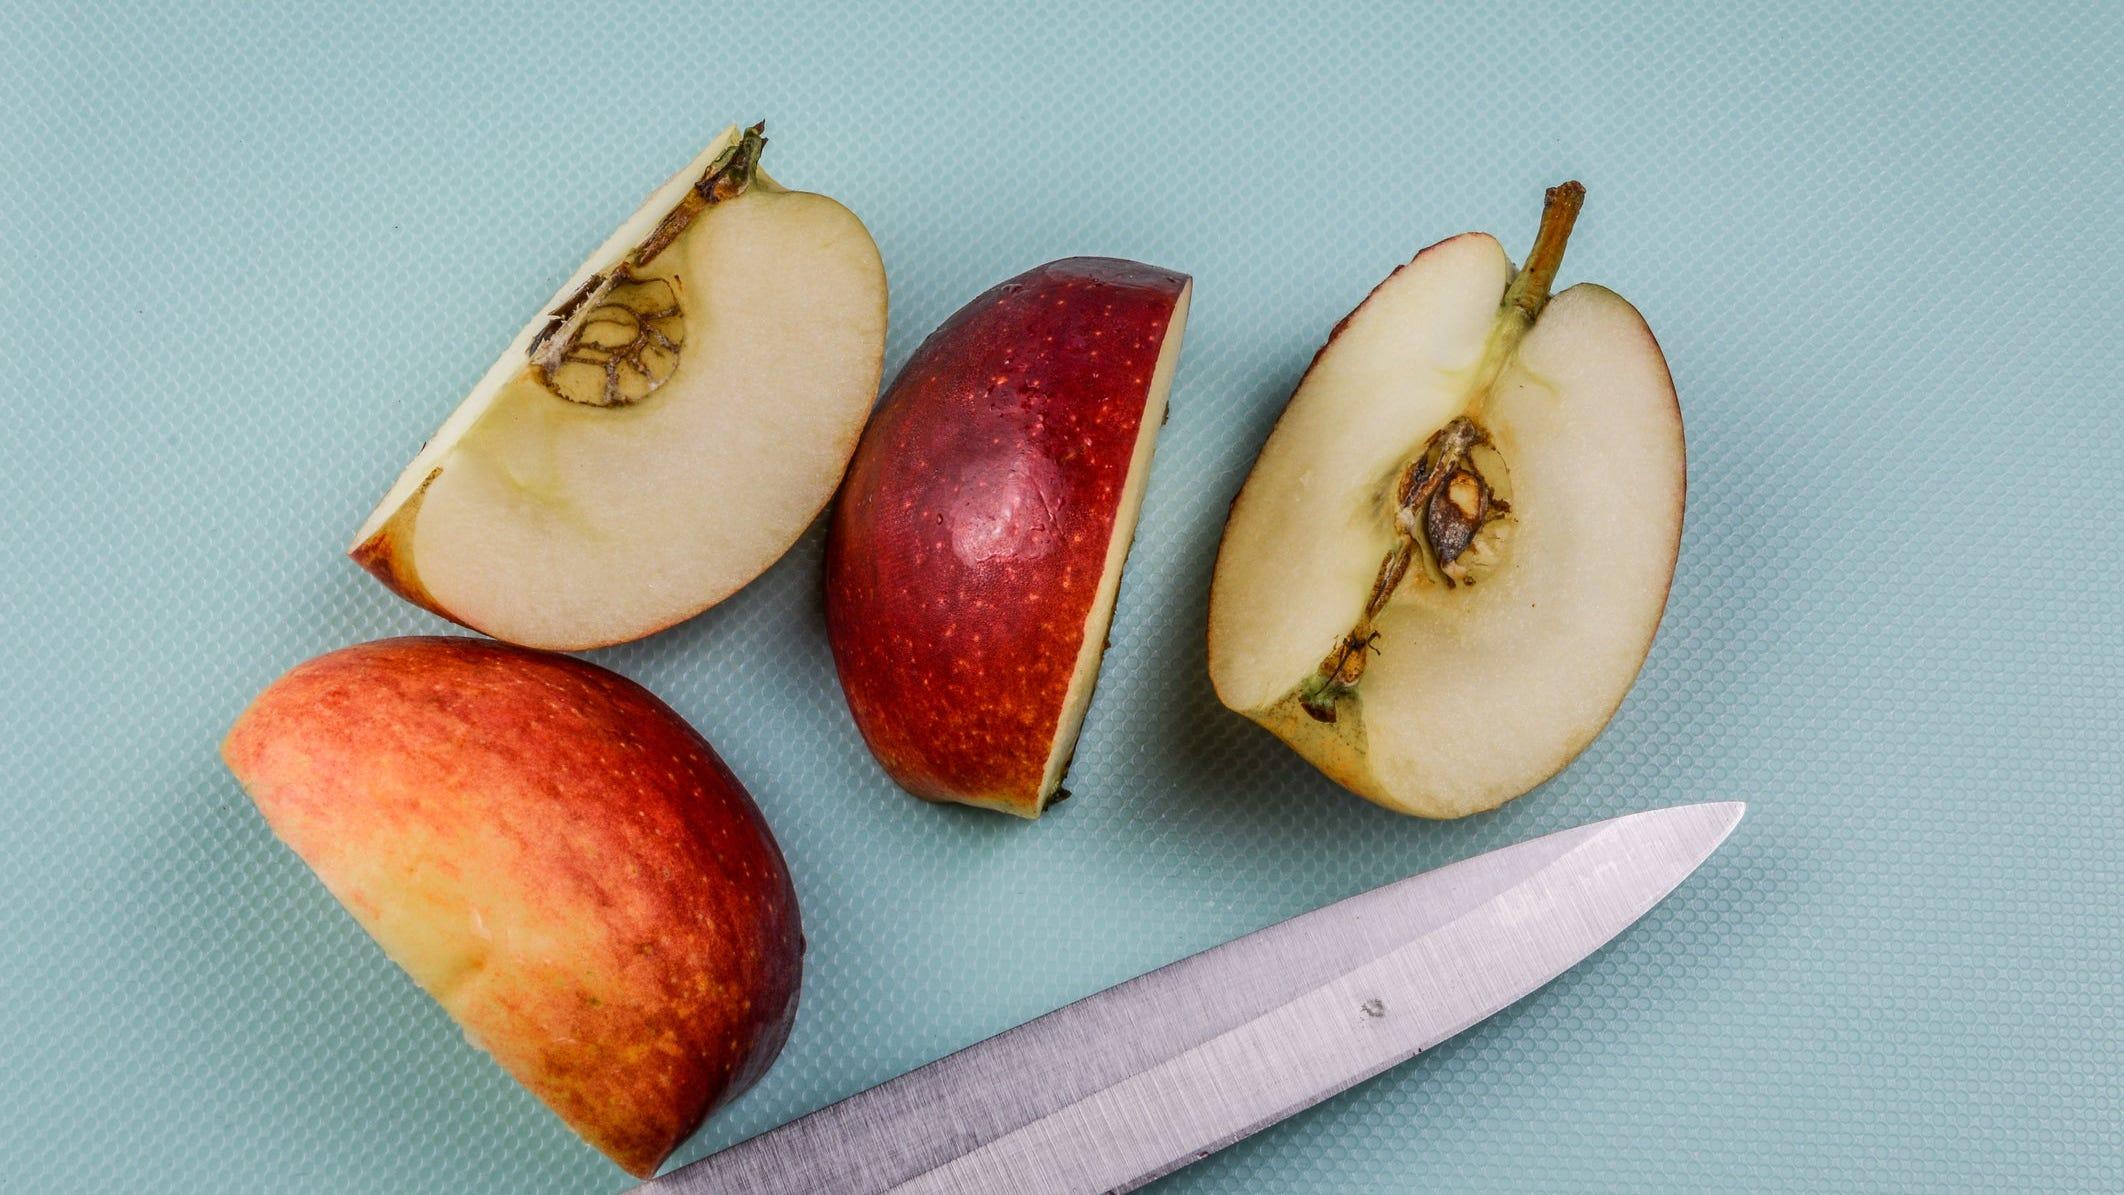 Sa mollë mund të hamë në ditë?